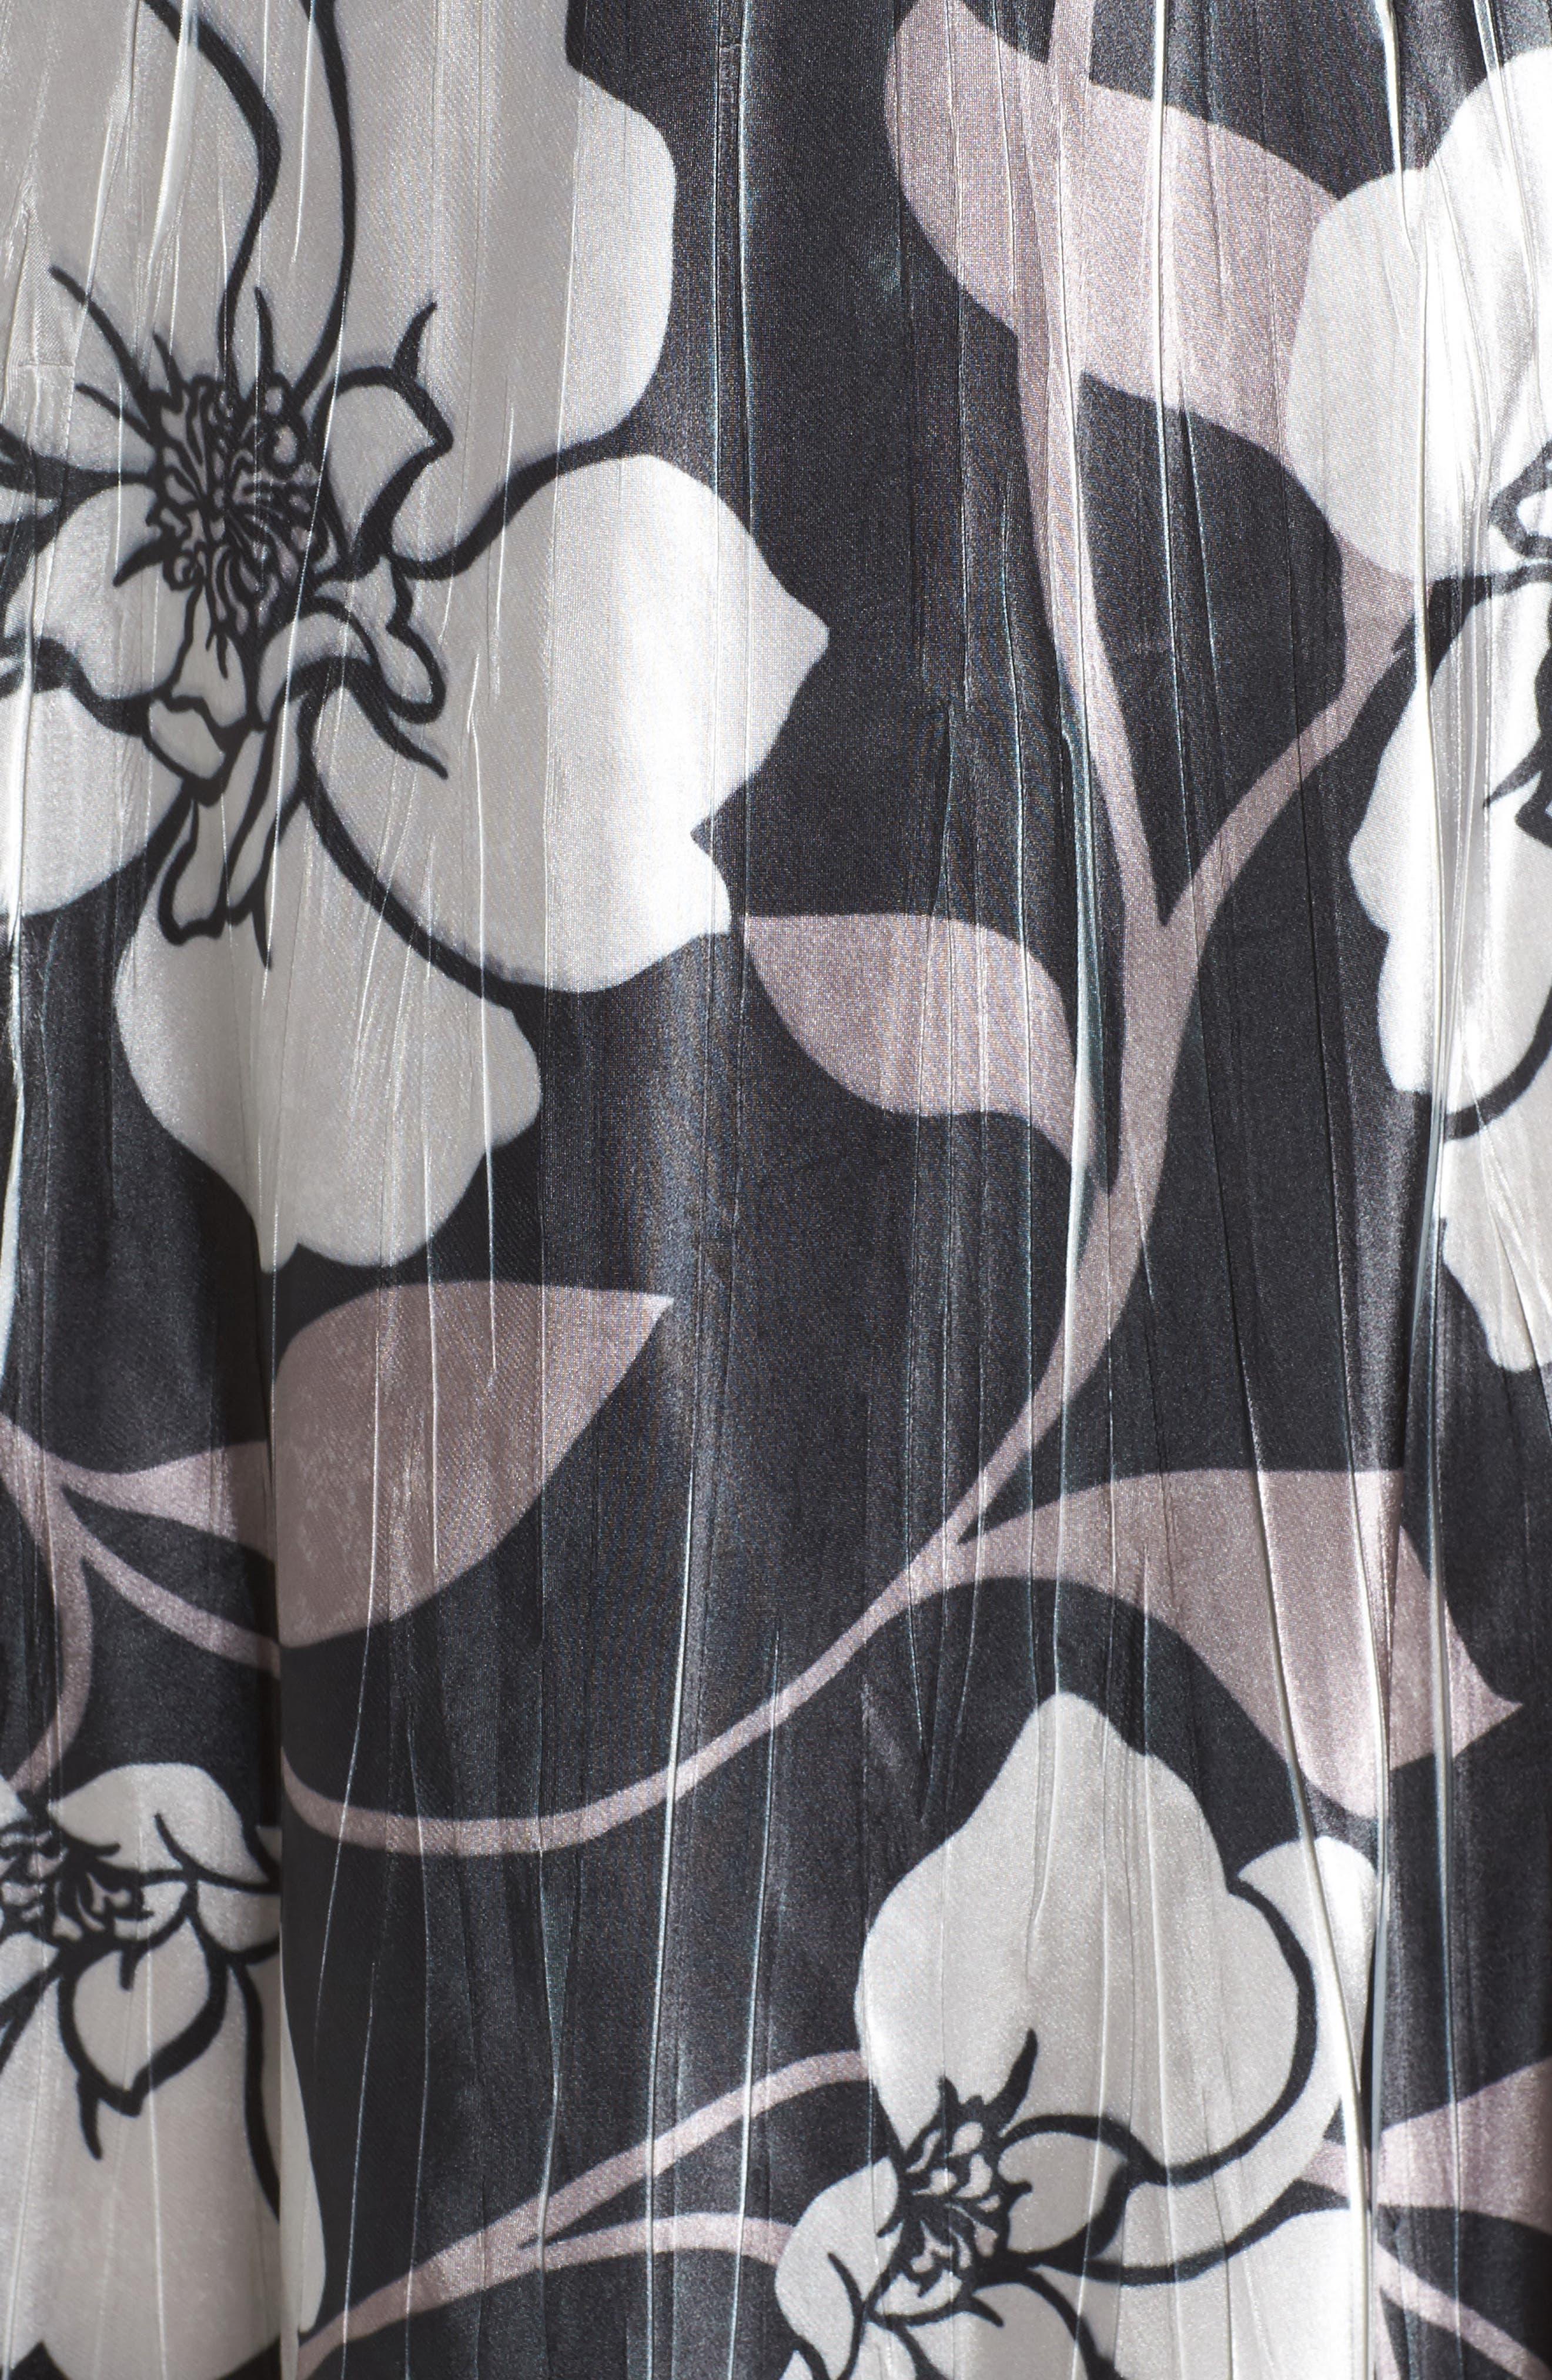 Floral A-Line Dress,                             Alternate thumbnail 5, color,                             016